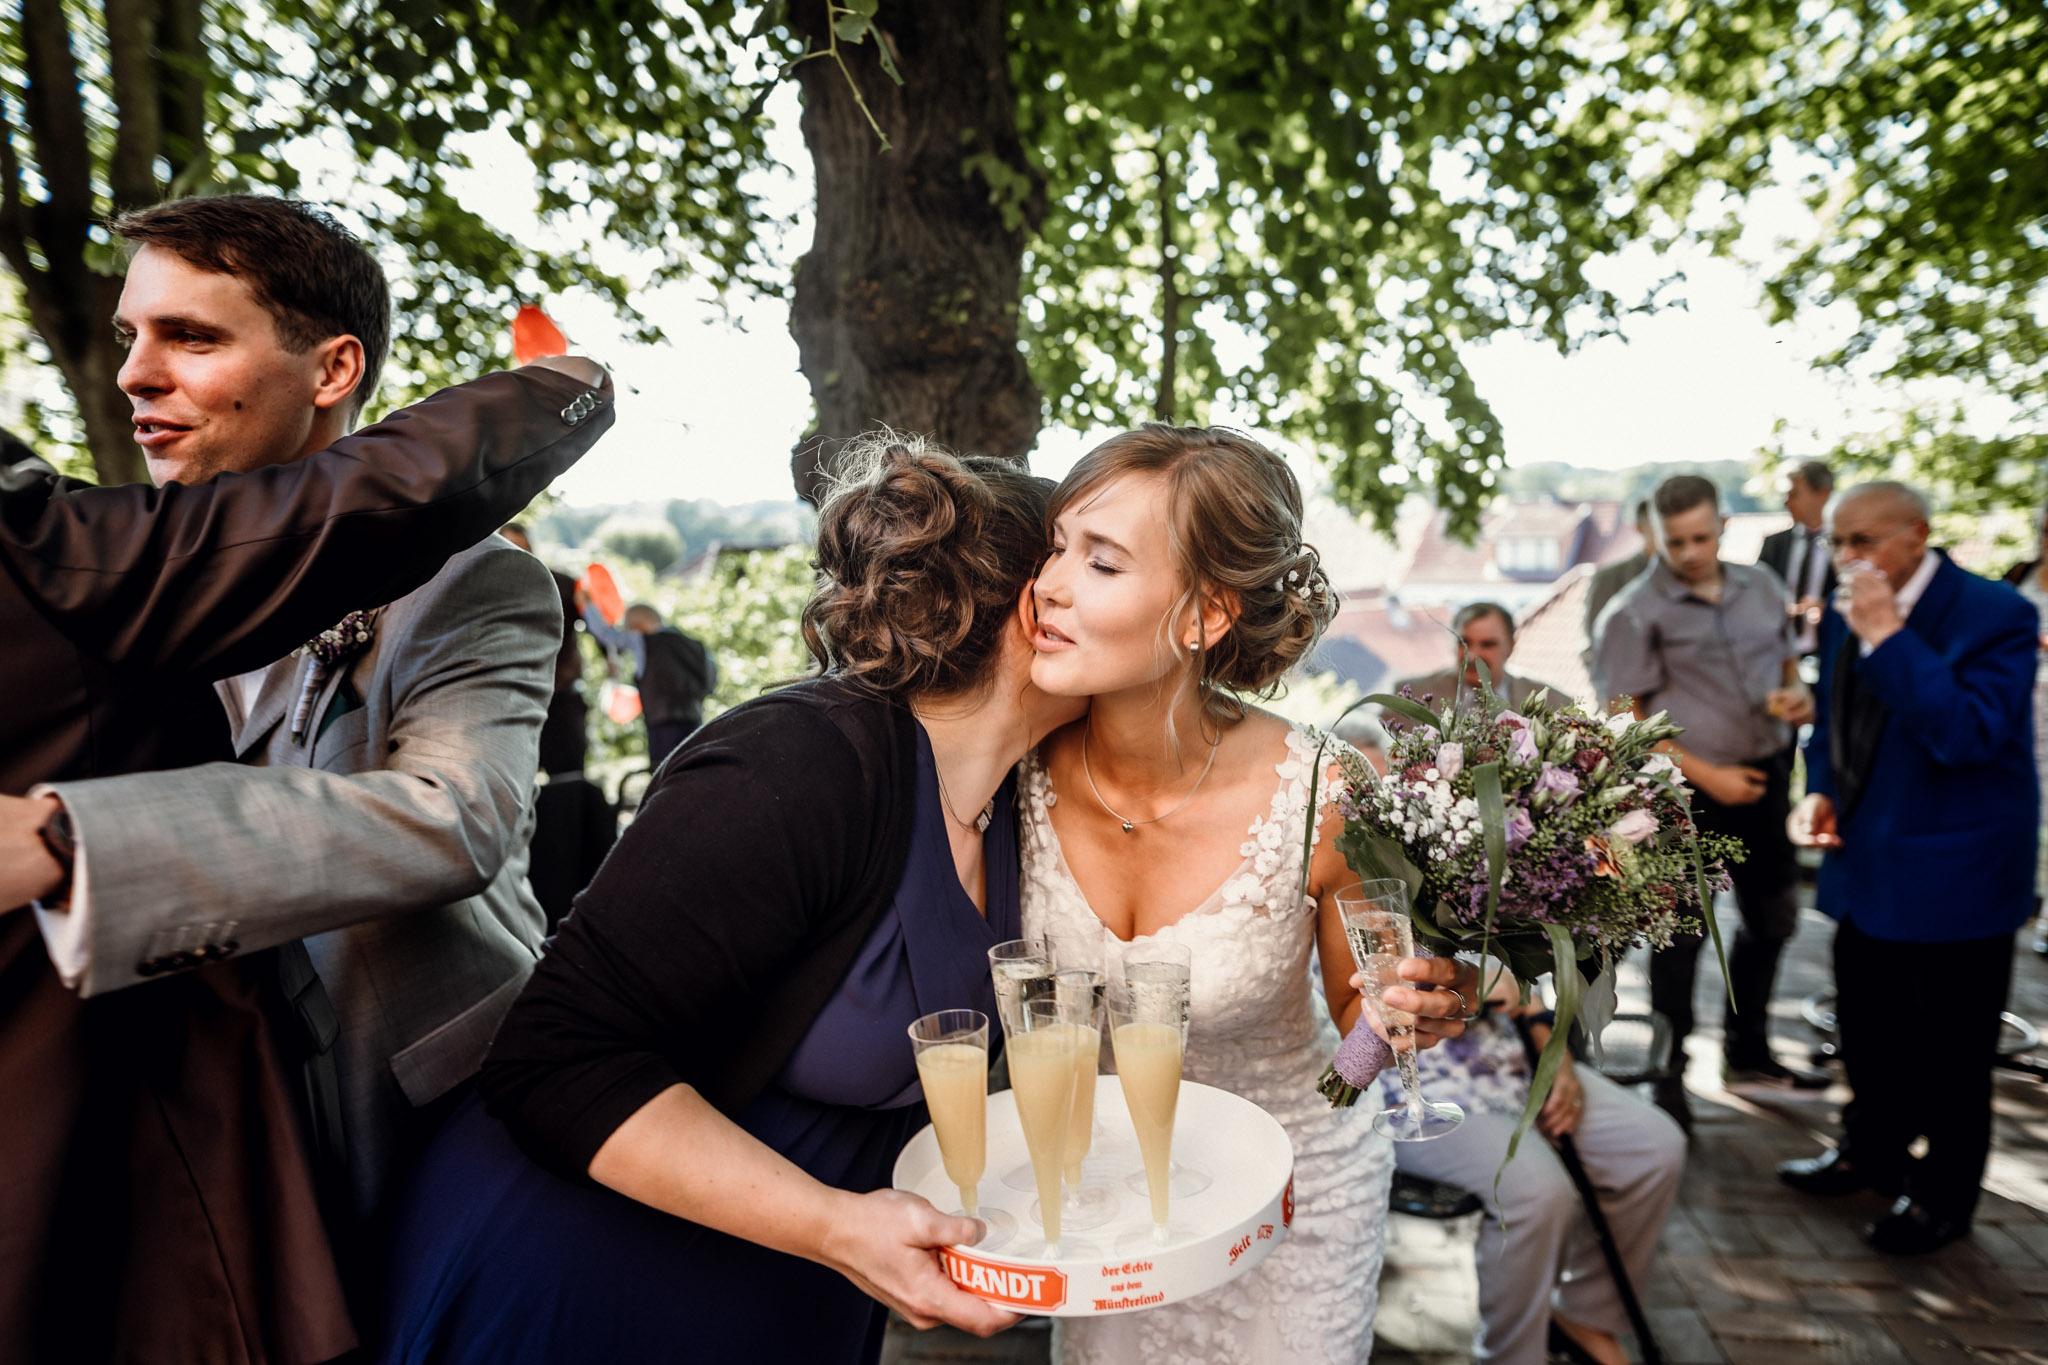 Sven Schomburg Hochzeitsfotografie, Hamburg, Mölln, Hochzeitsfieber by Photo-Schomburg, Hochzeitsreportage, Forsthaus Waldhusen, Braut, Bräutigam-50